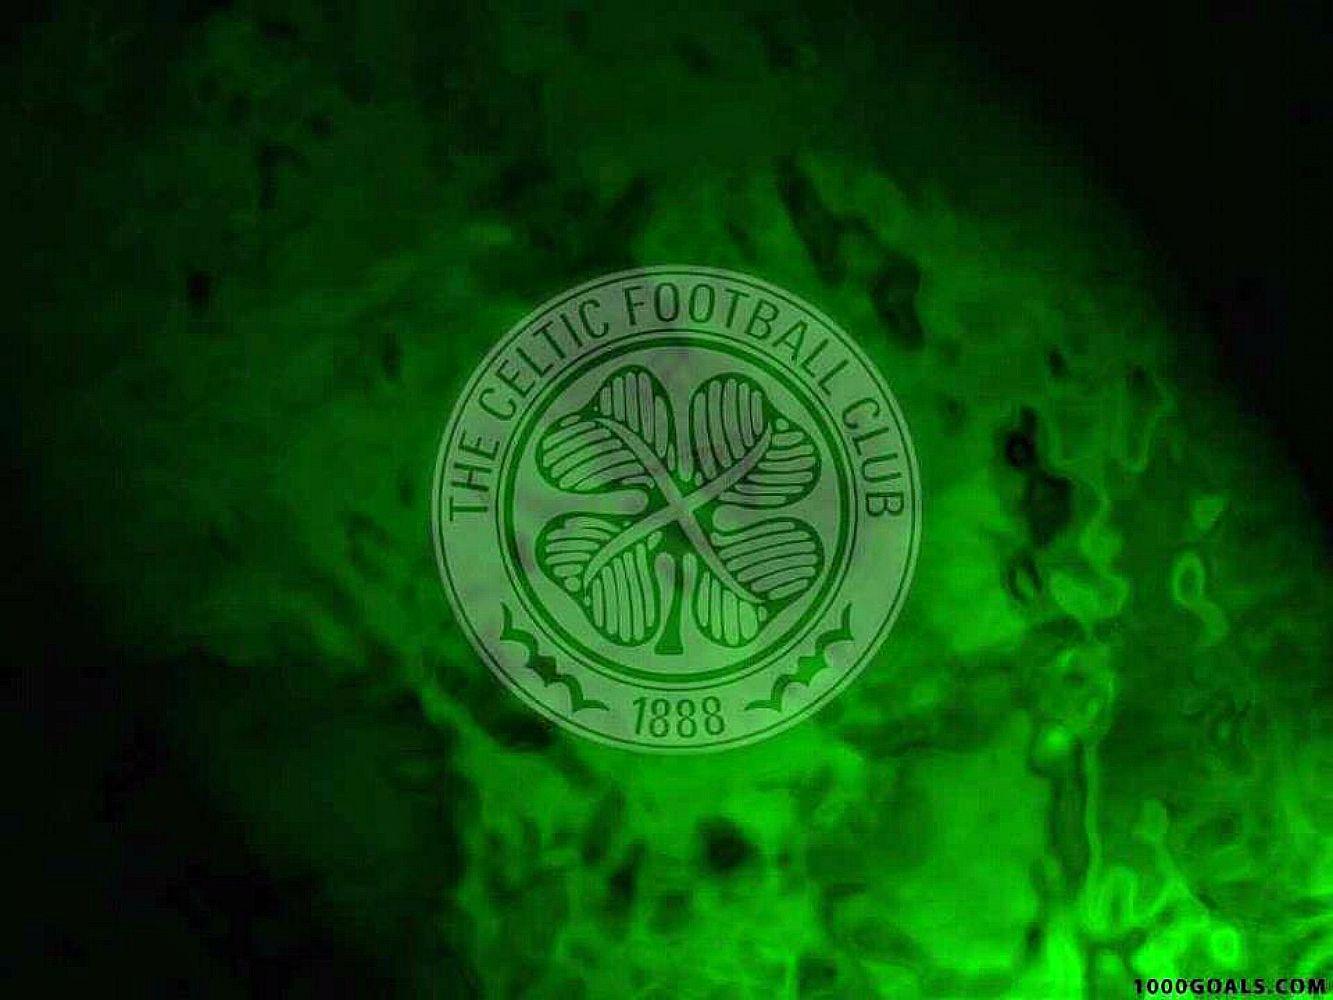 Celtic F.C. Wallpapers - Wallpaper Cave